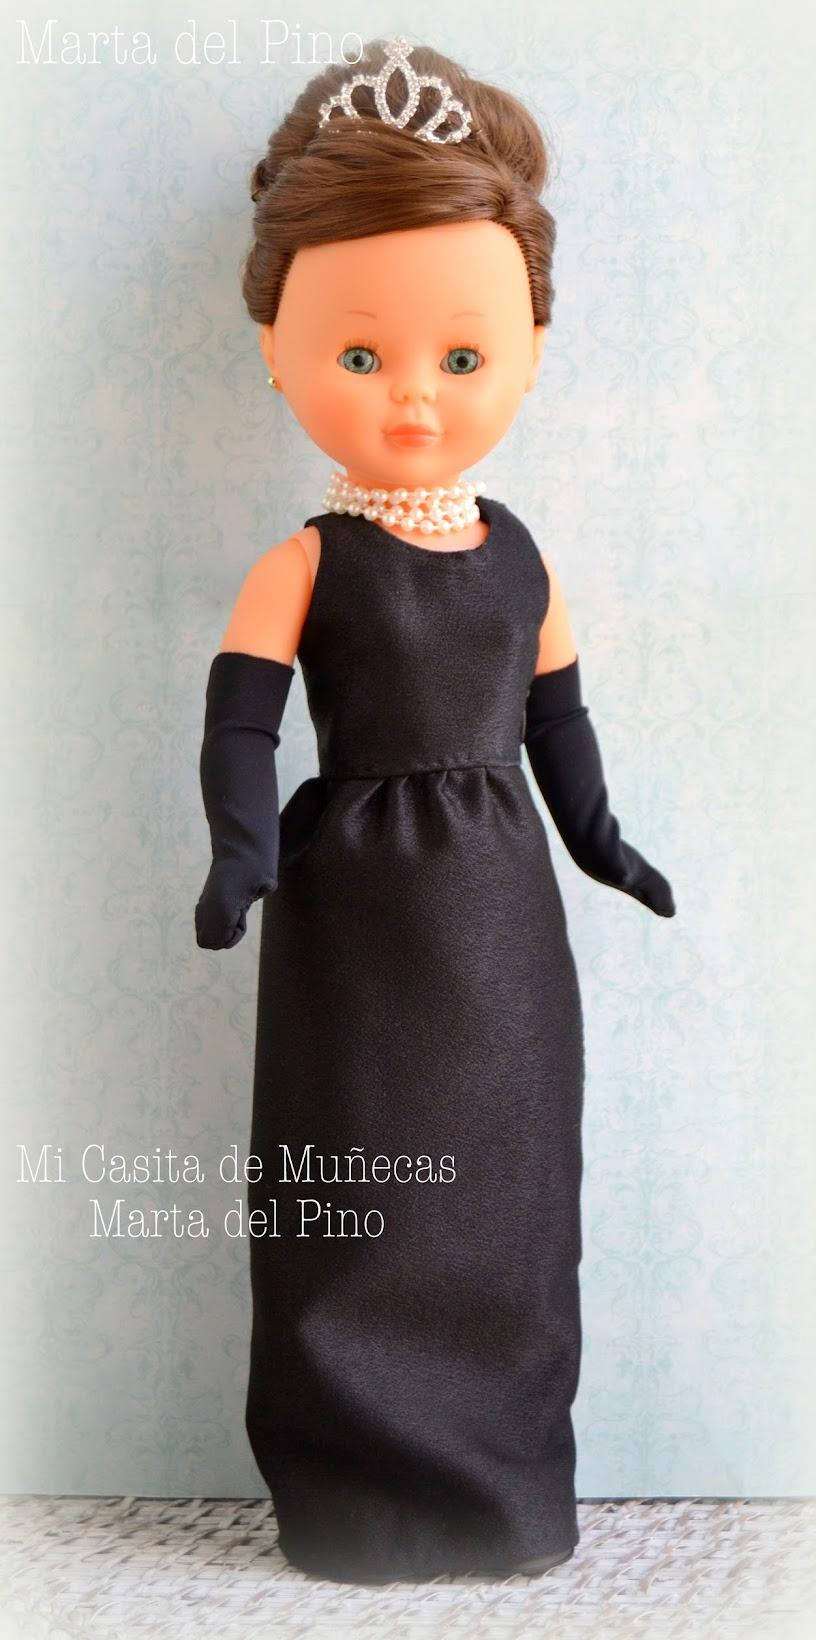 Nancy colección Famosa, vestido Audrey Hepburn desayuno con diamantes, Breakfast at Tiffany's, ooak, vestidos para Nancy de Famosa, Marta del Pino, Mi casita de Muñecas